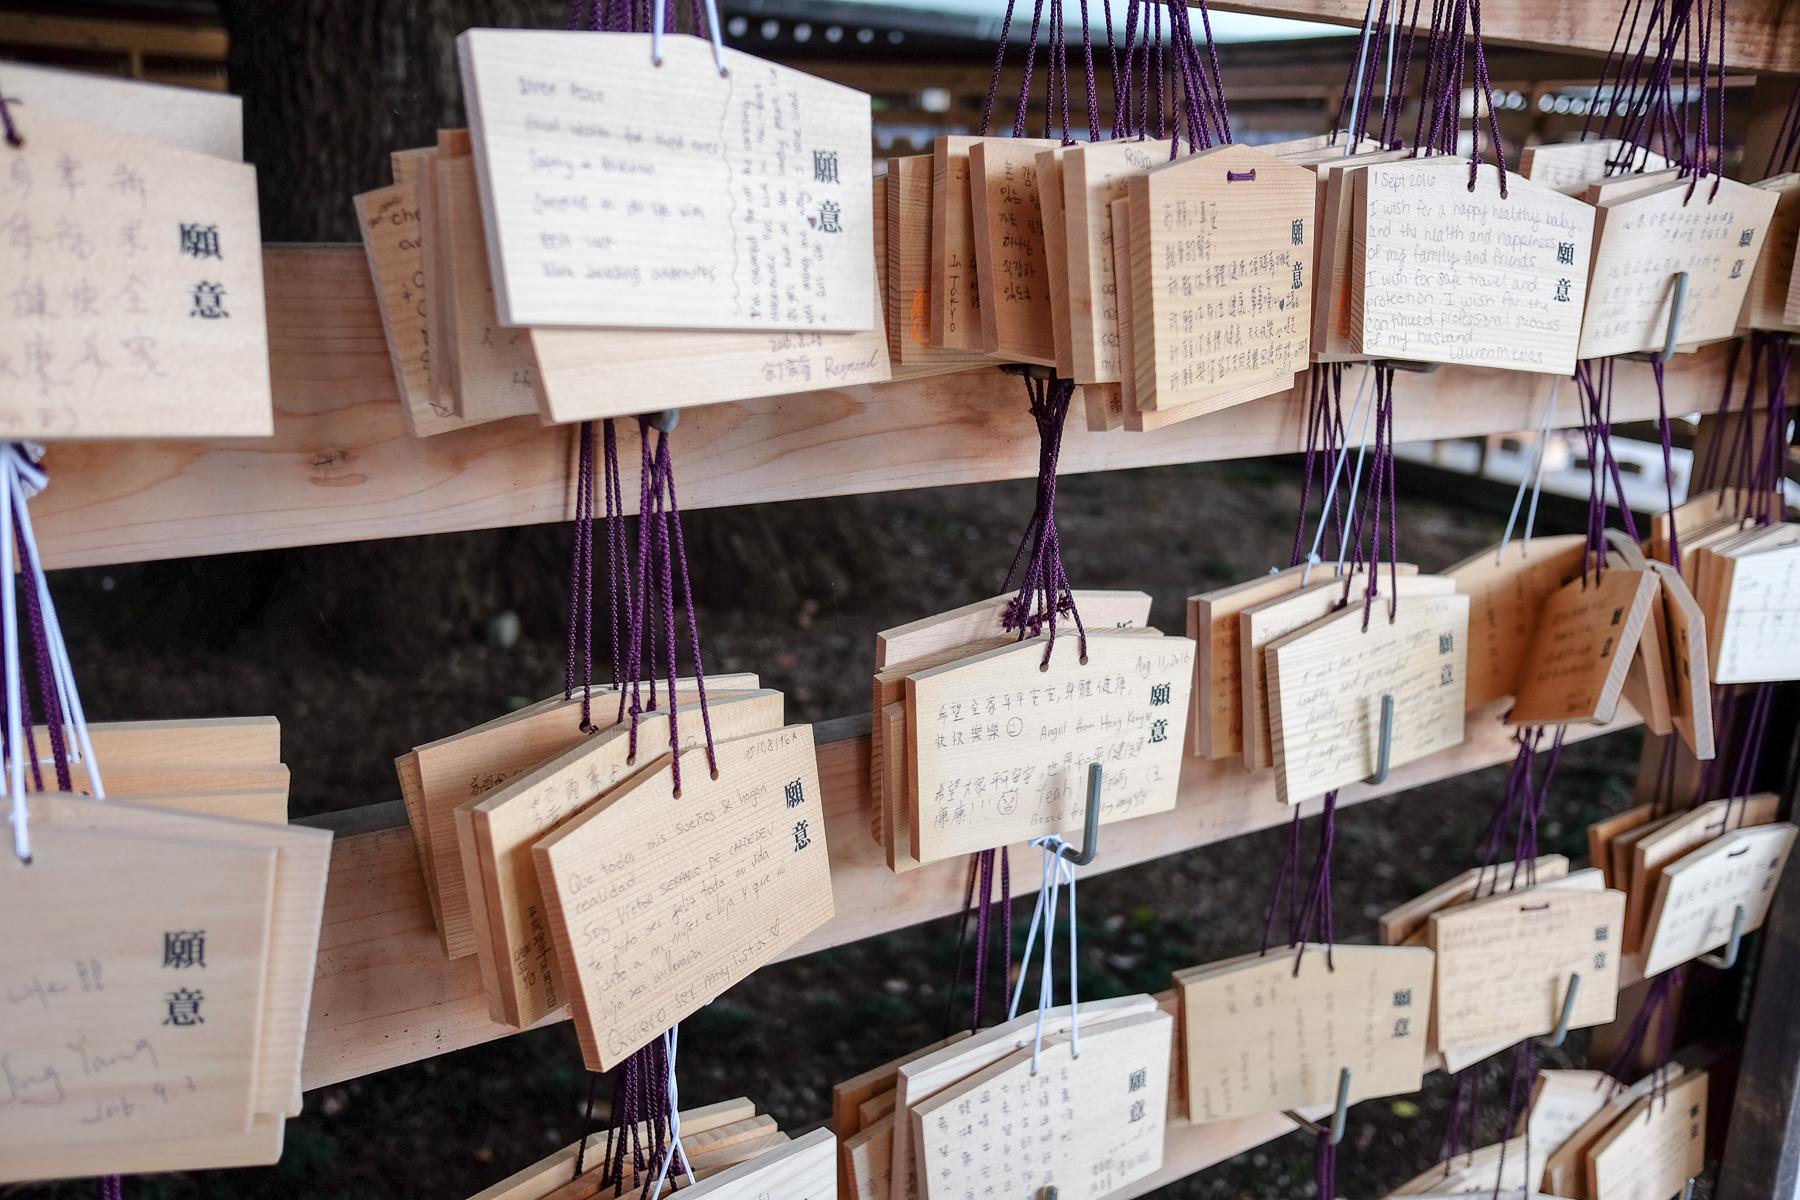 Diese kleine Holztäfelchen (*omamori* ) kann man im Schrein kaufen und darauf seine Wünsche schreiben lassen bevor man sie an eine vorgesehene Wand hängt. Diese Wünsche dürfen allerdings nicht materiell, sonst werden sie von der Gottheit nicht berücksichtigt.